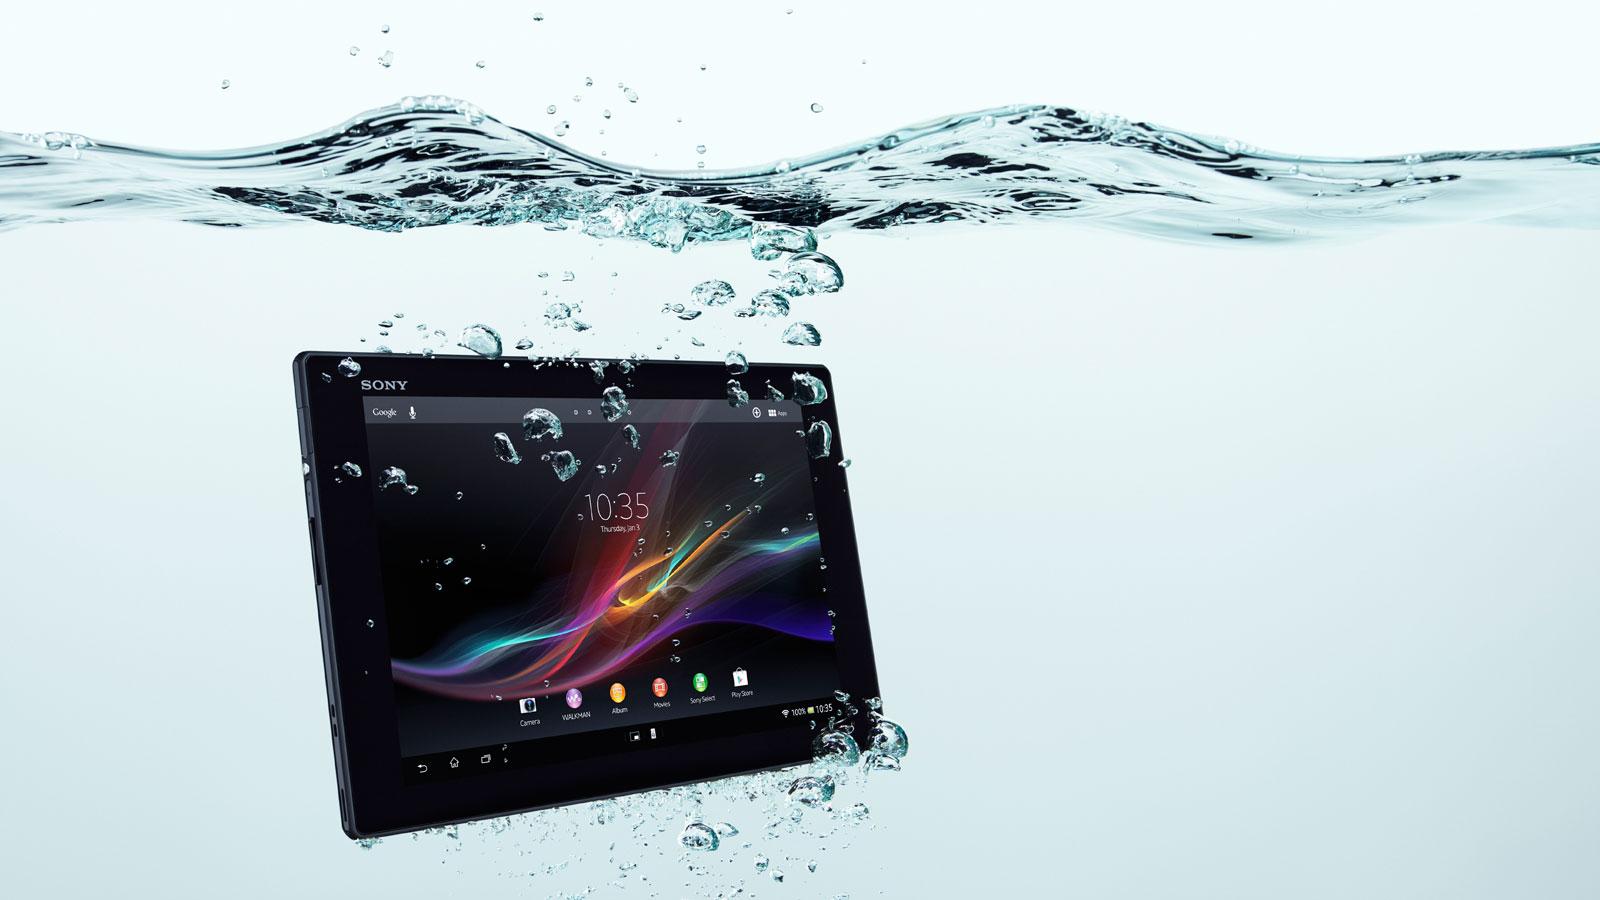 Vente flash tablette Sony Xperia Tablet Z chez Materiel.net !